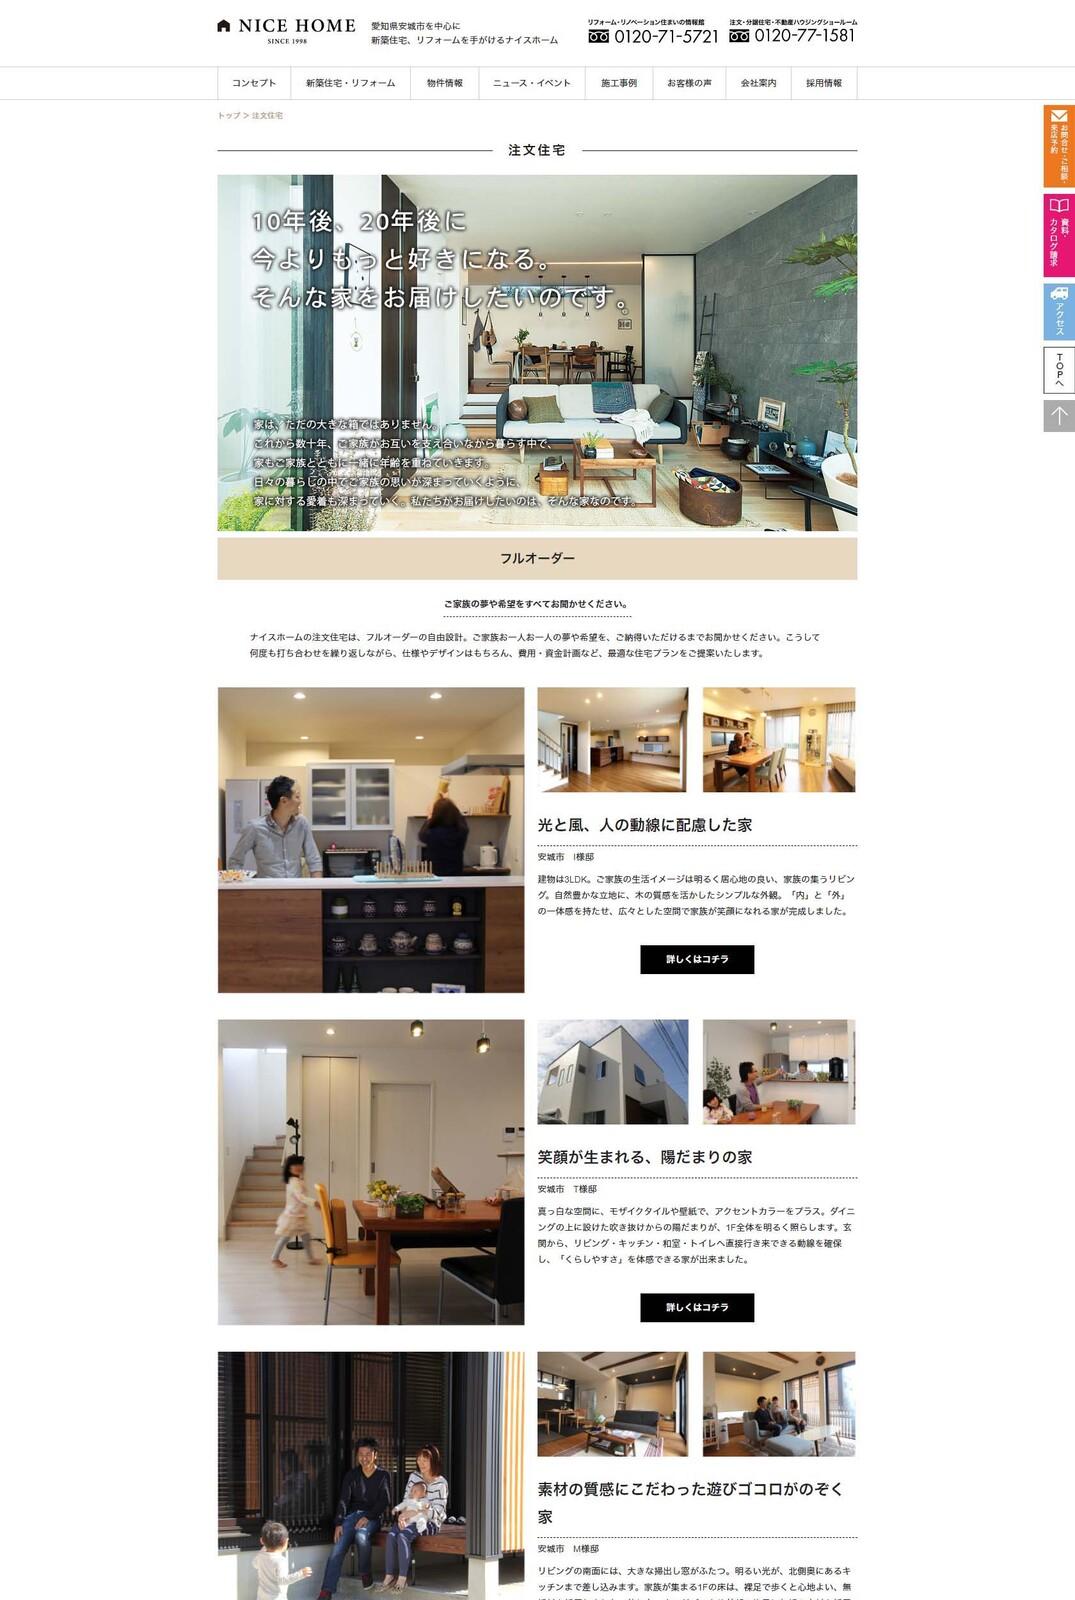 株式会社ナイスホーム様 WEBサイト